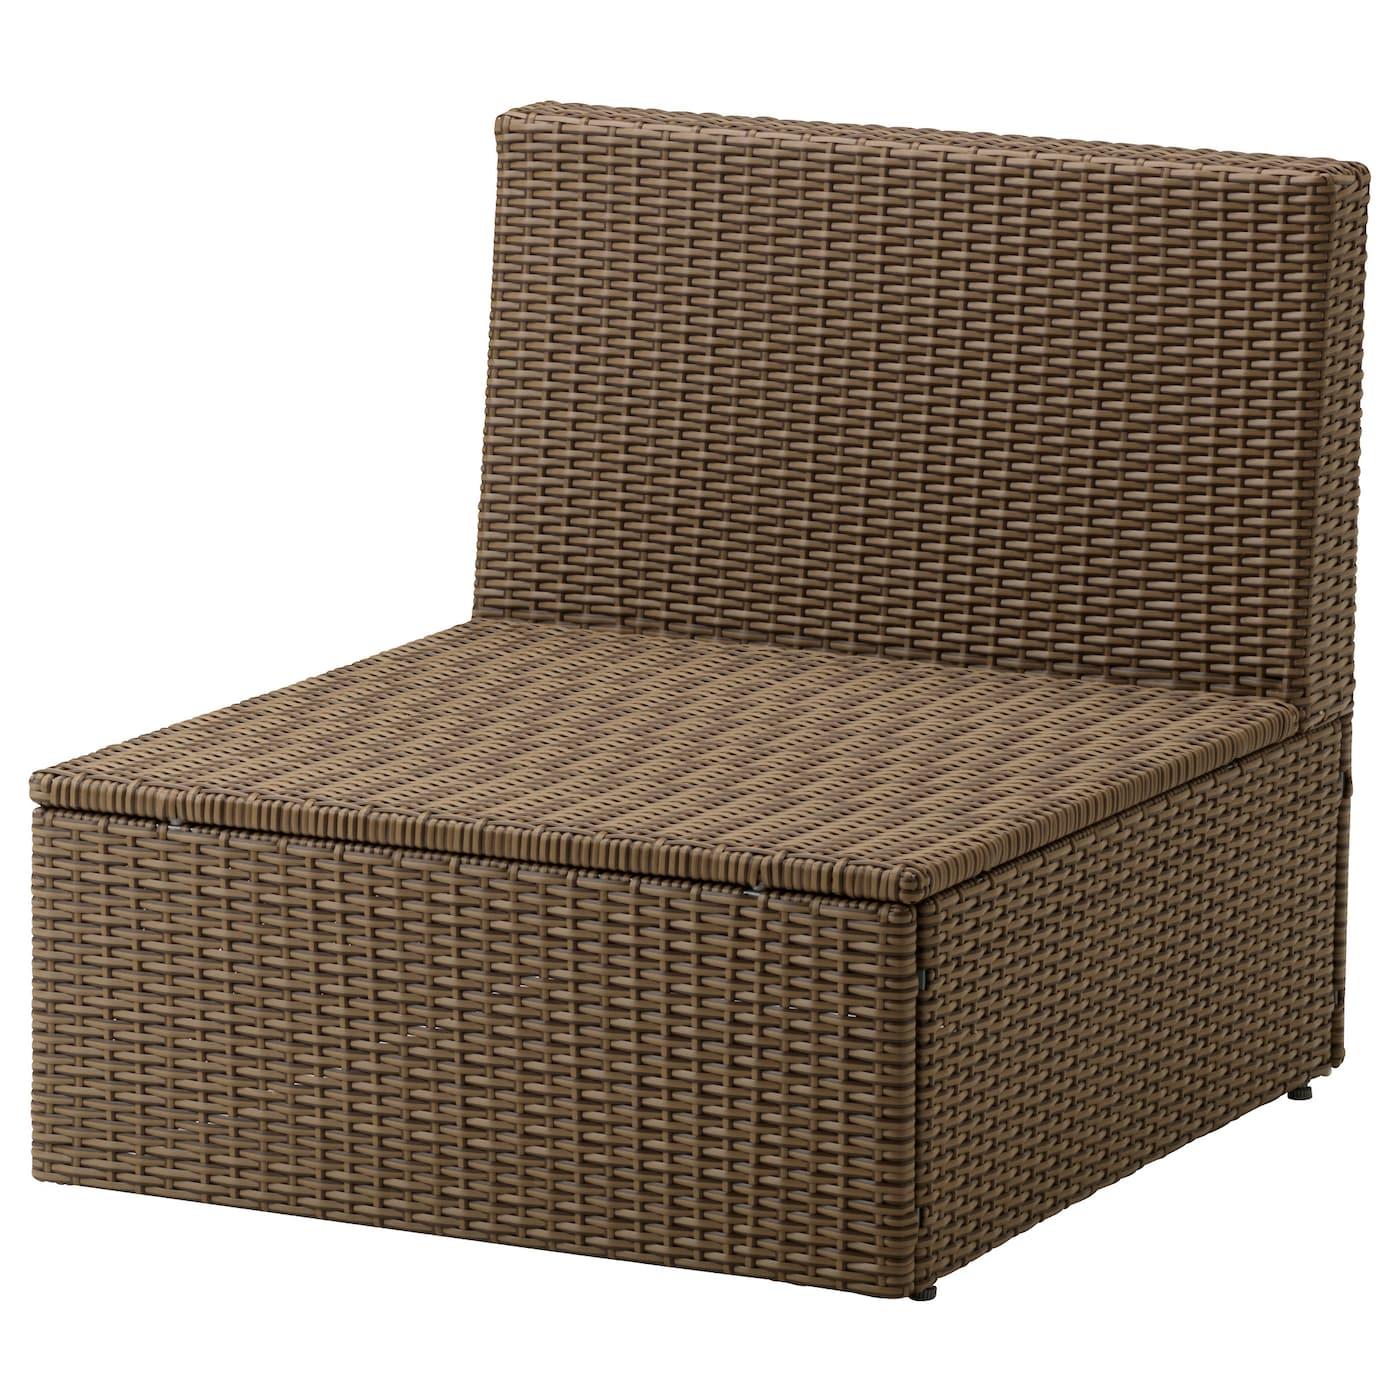 ikea balkonm bel lounge. Black Bedroom Furniture Sets. Home Design Ideas